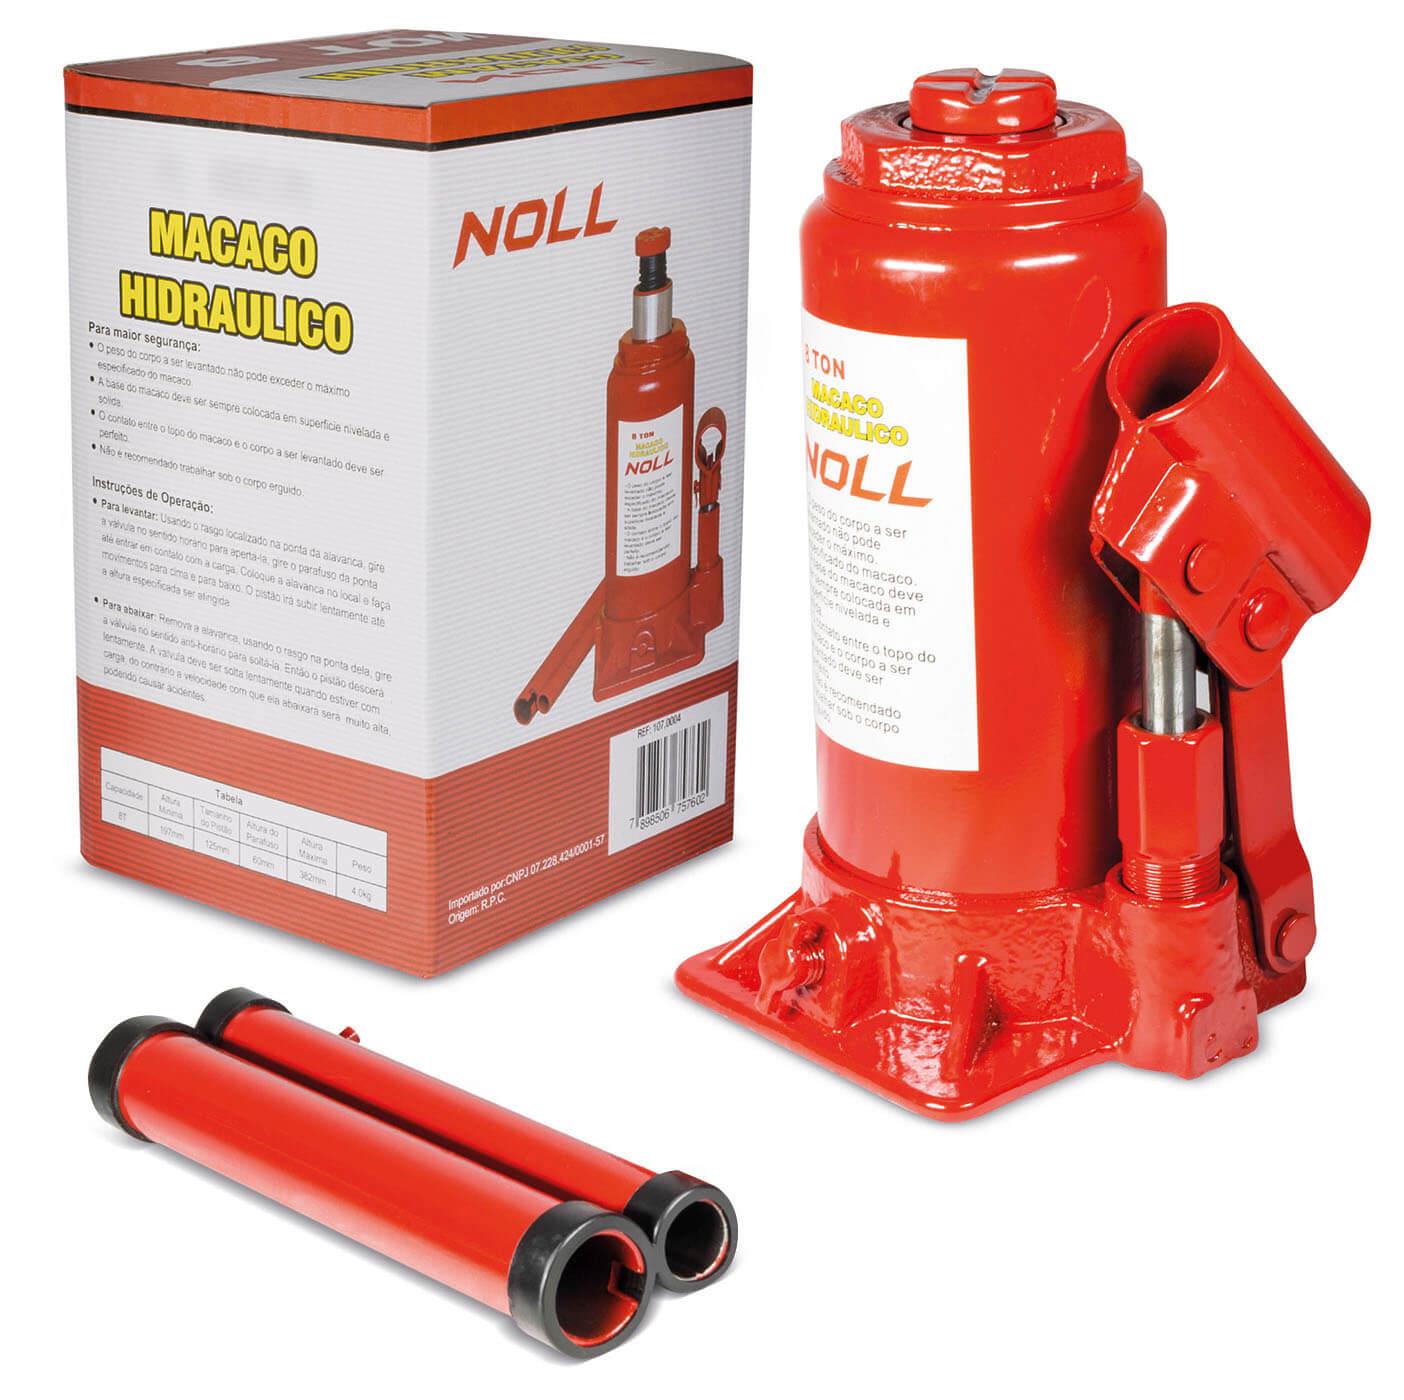 Macaco hidráulico tipo garrafa 2 toneladas - Noll